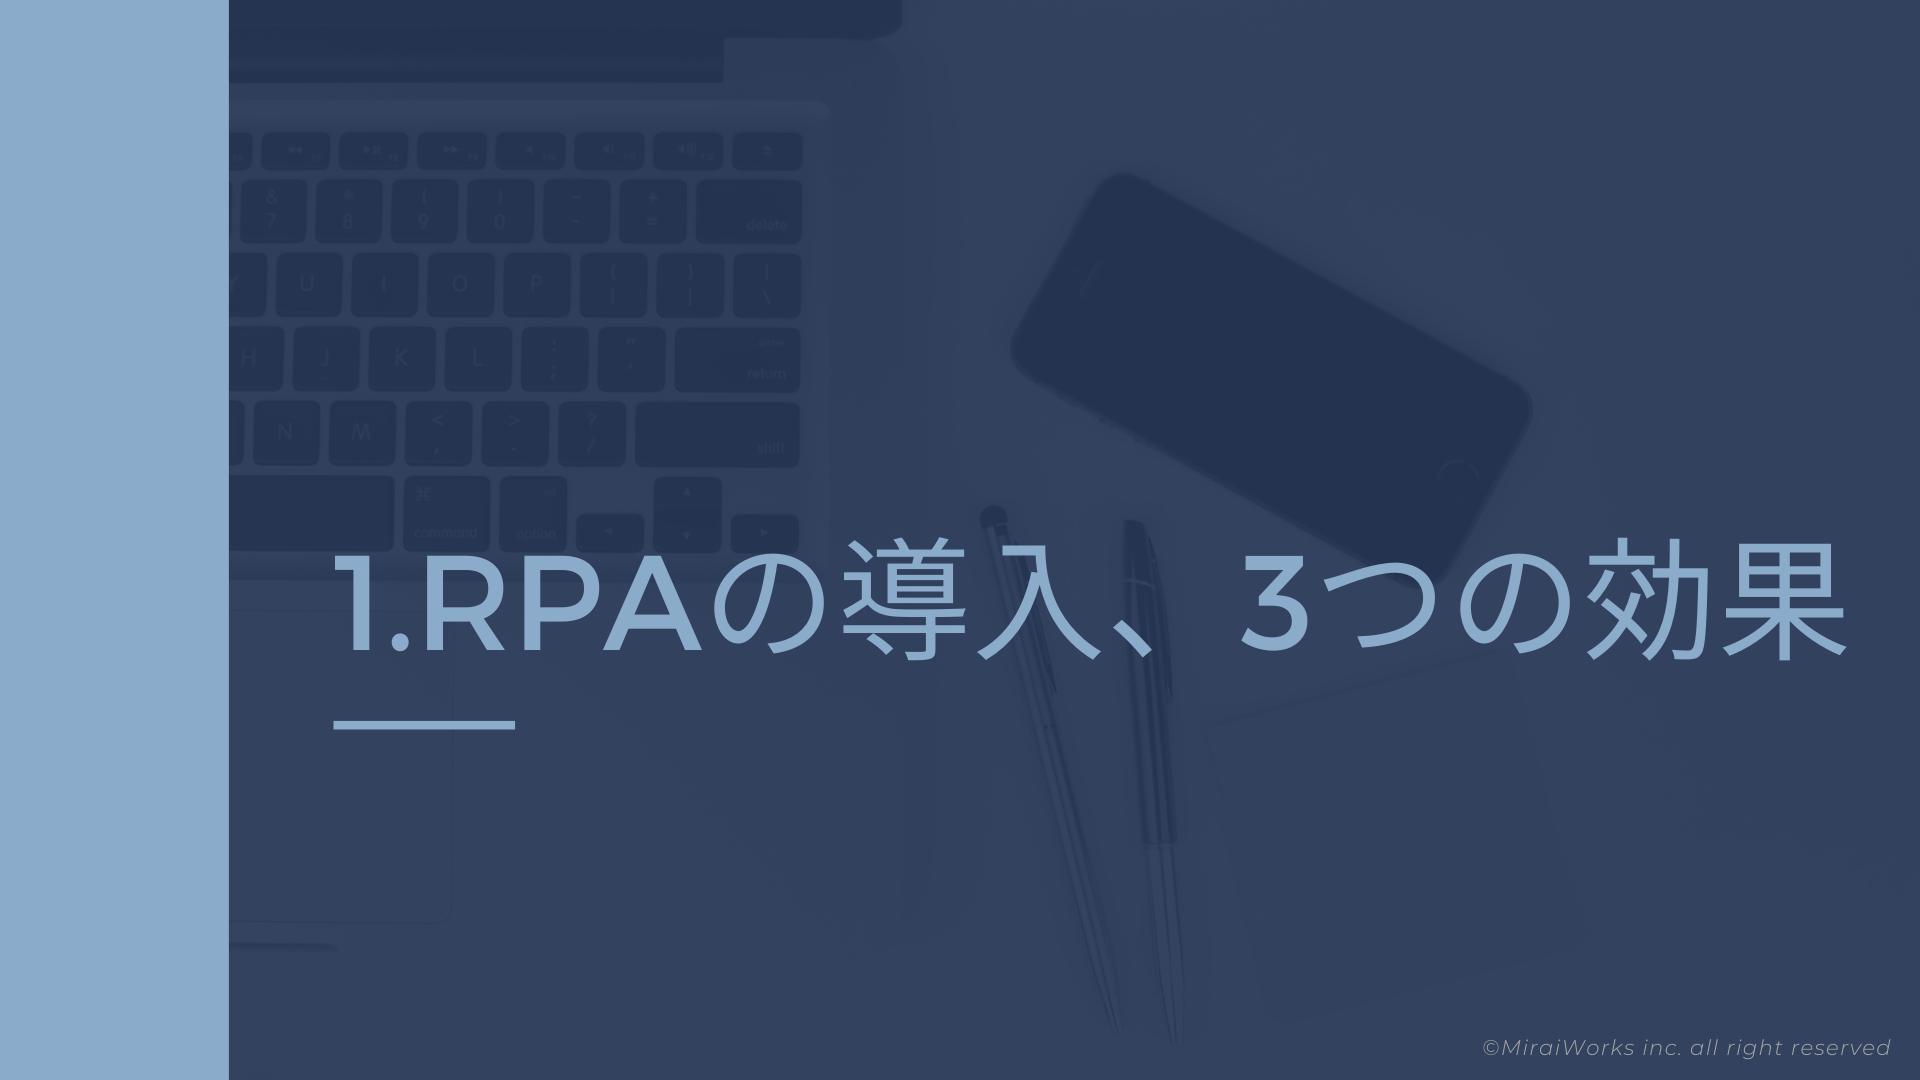 RPA導入_3つの効果